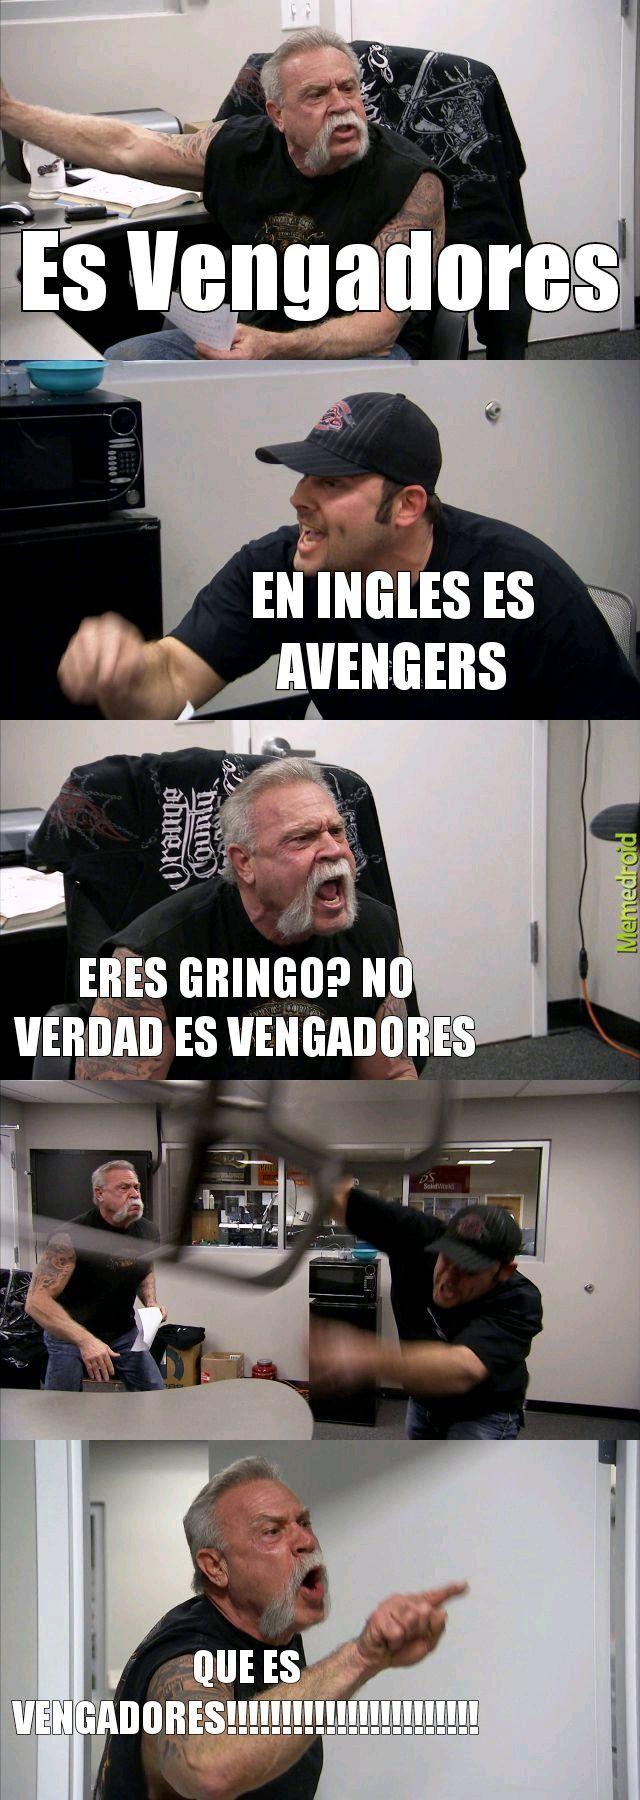 Vemgadores o Avengers como lo dicen? - meme